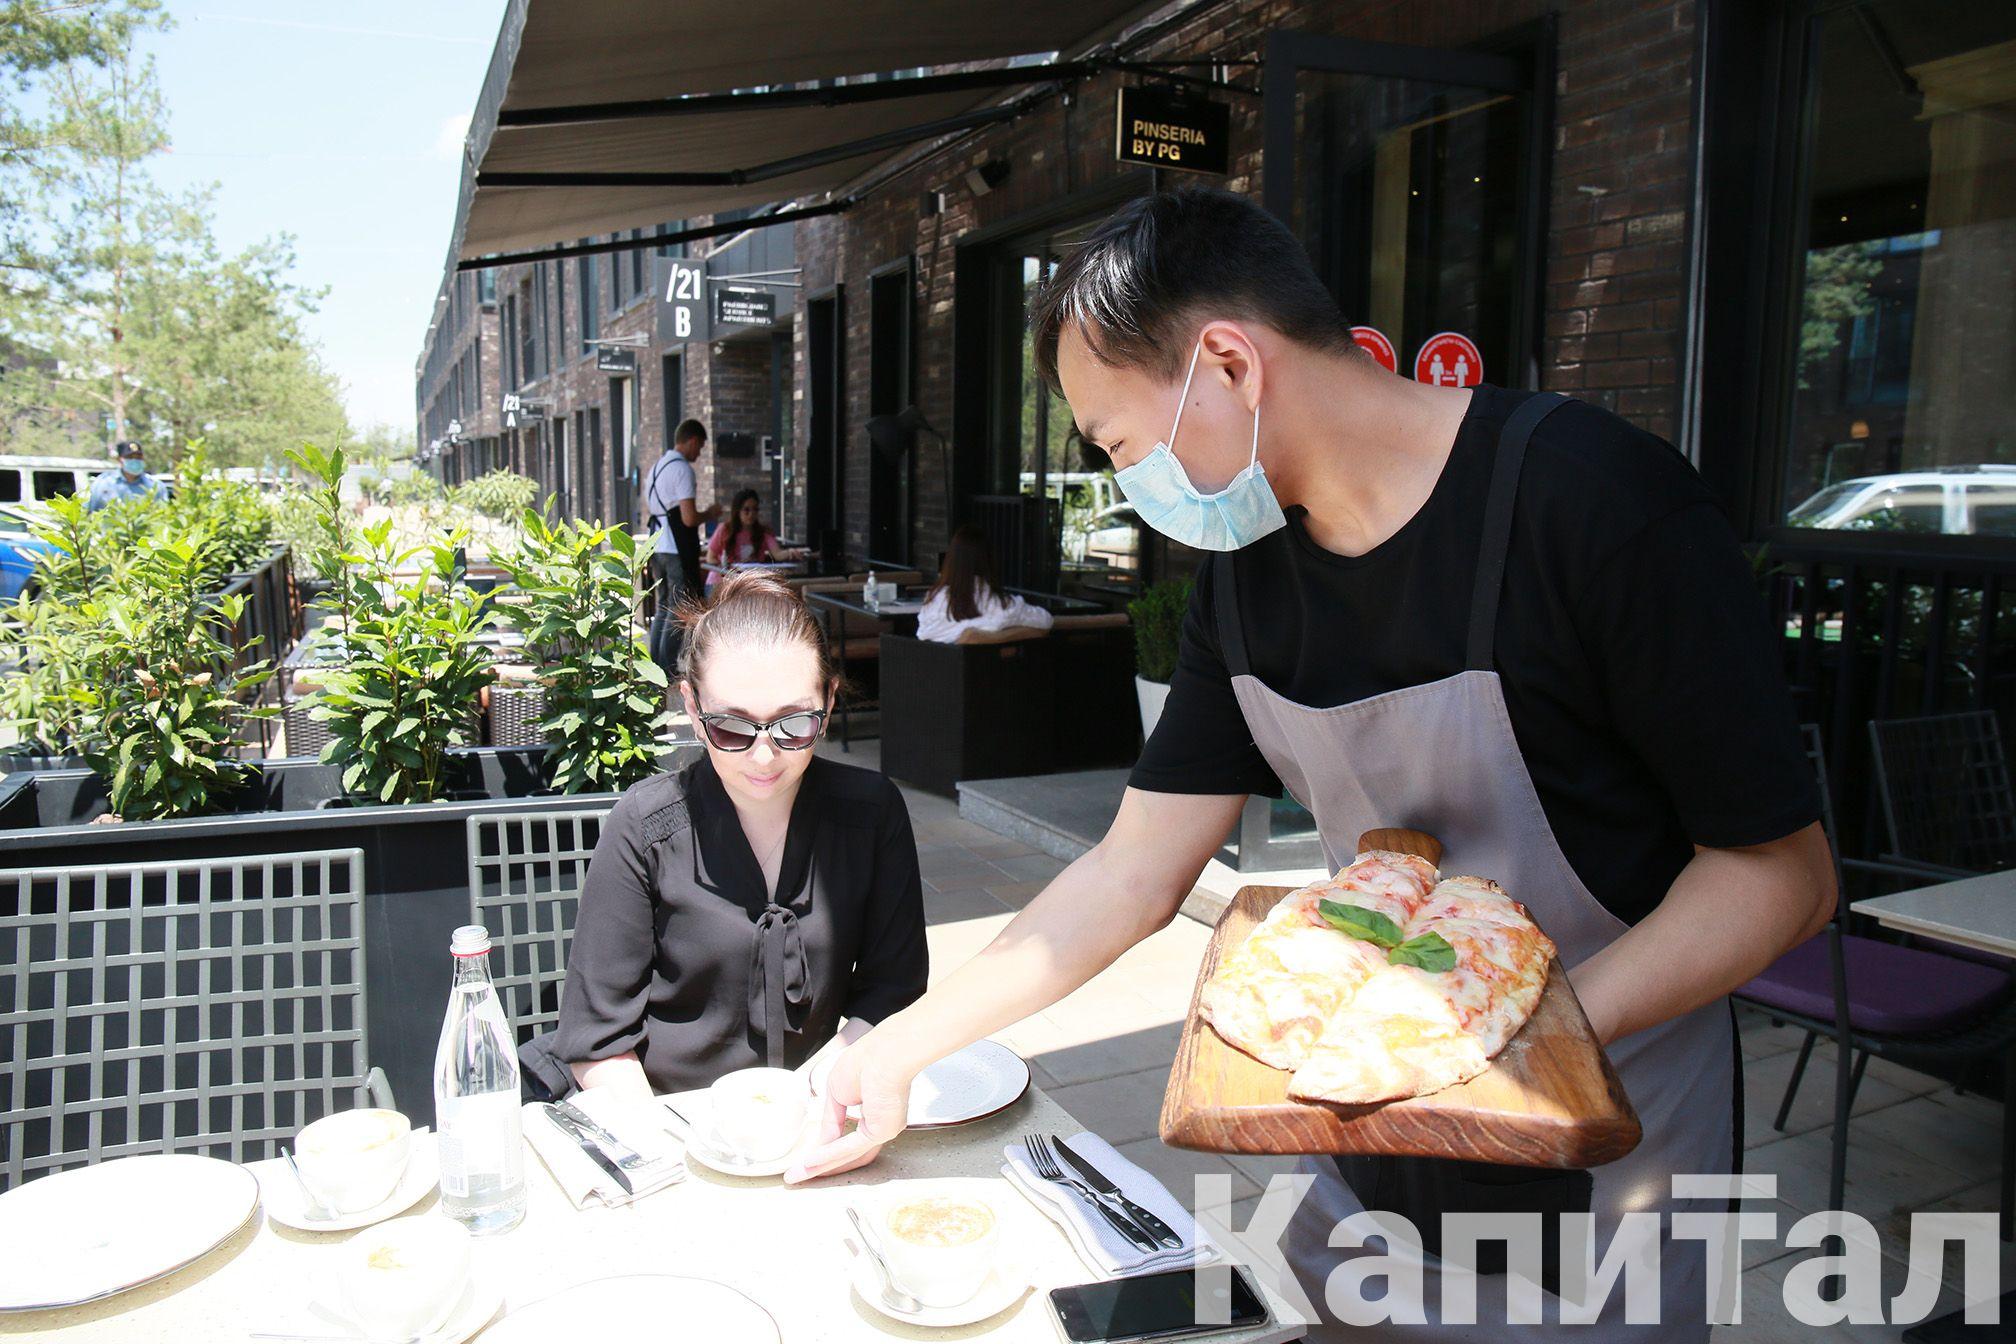 Алмас Абдыгаппаров: 90% населения задумываются об открытии ресторана 341570 - Kapital.kz